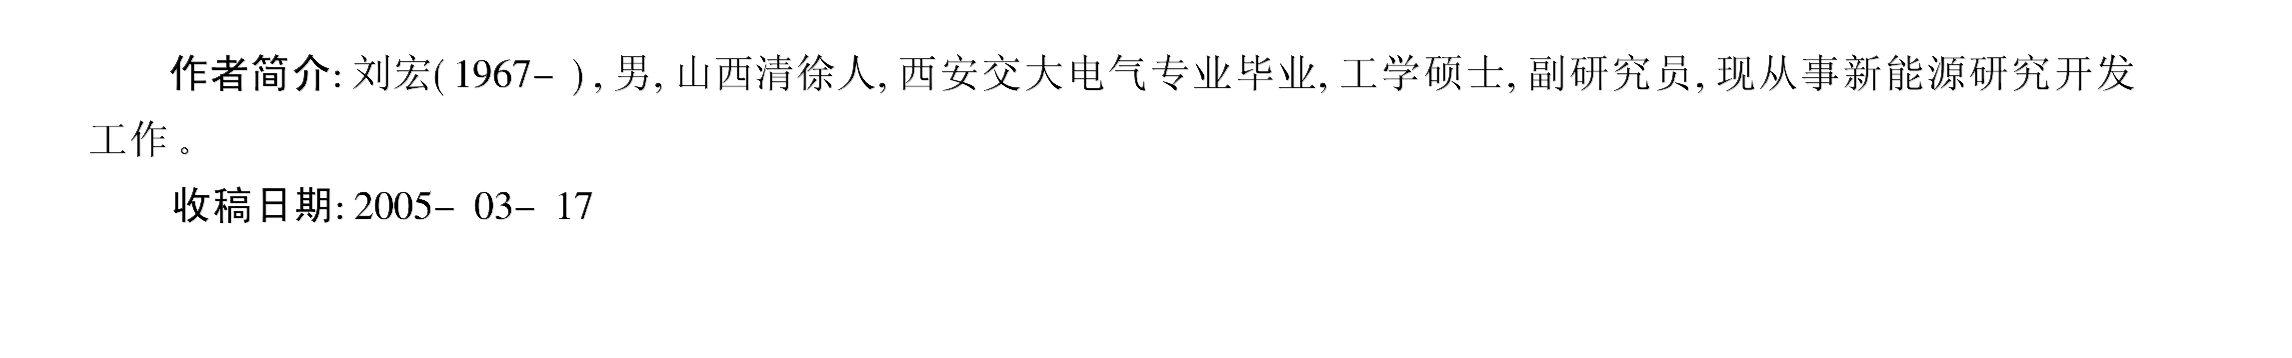 青海省村落独立光伏电站运行管理探讨